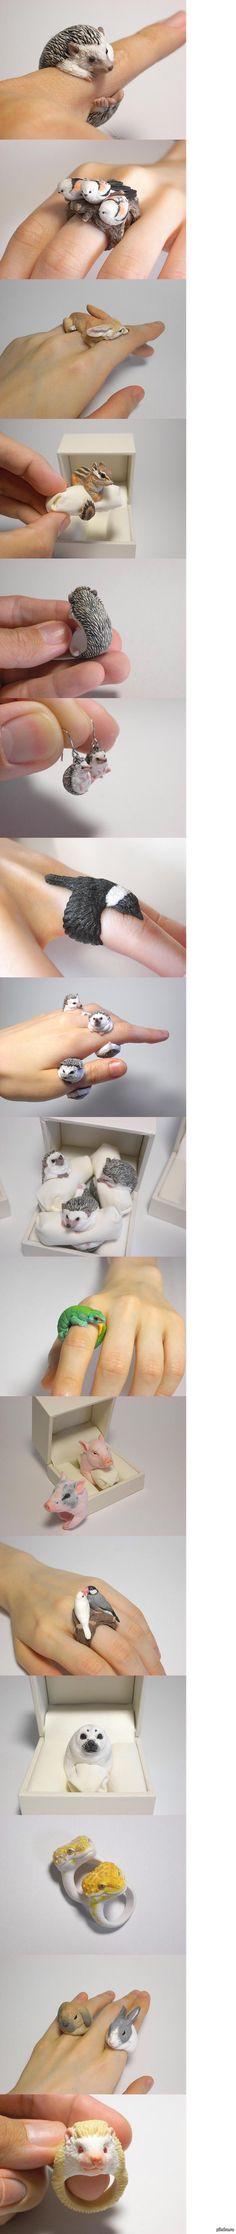 Еж - кольцо Художник из Японии Дзиро Миура делает смешные, тонко выполненные ювелирные украшения из полимерной глины. Изделия очень популярн...